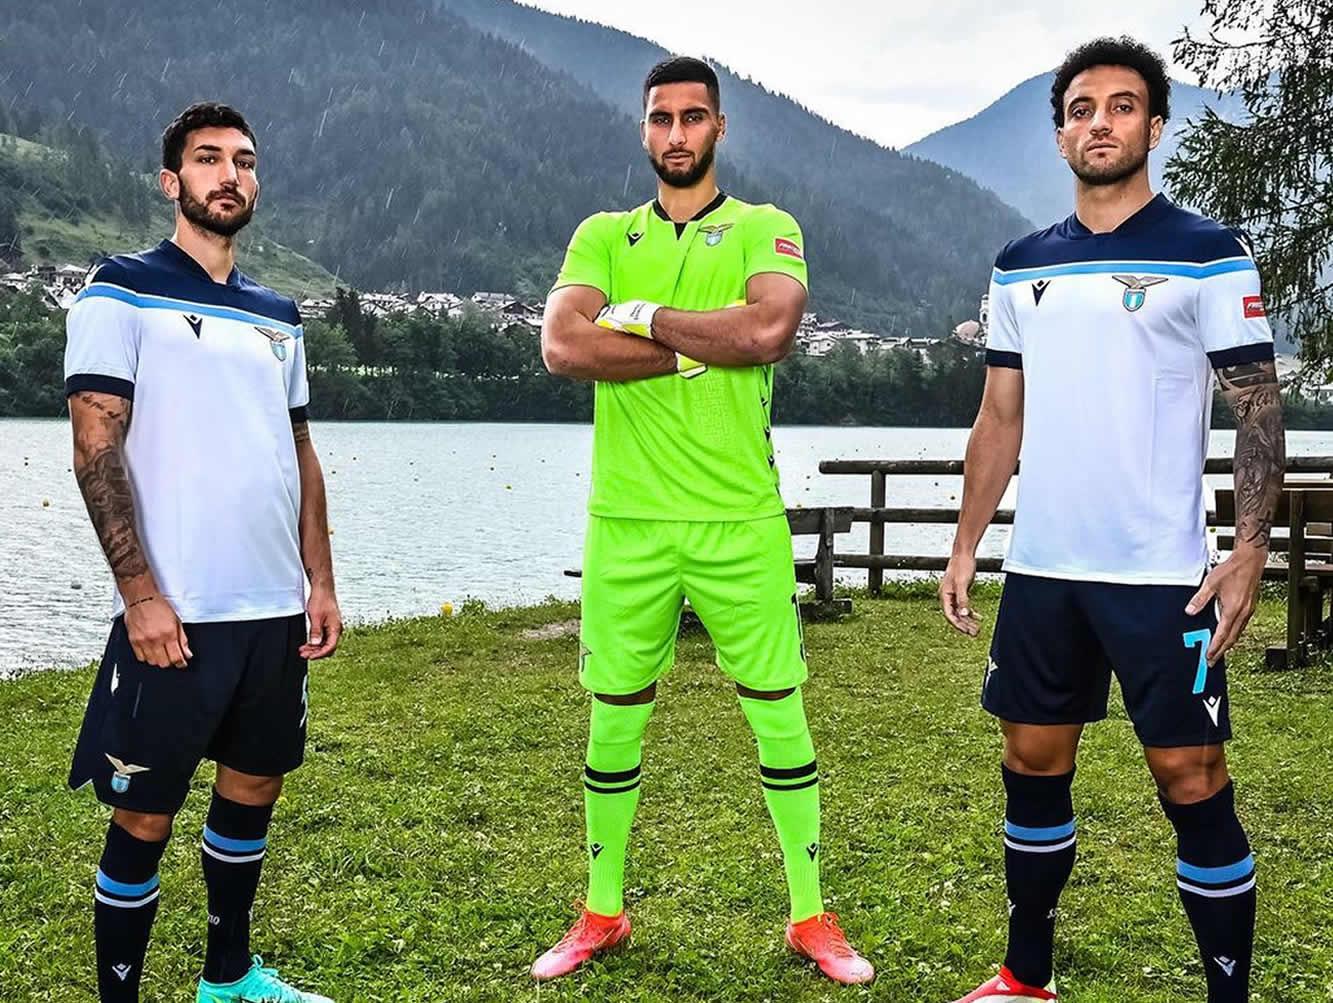 Camiseta suplente Macron de la Lazio 2021/2022